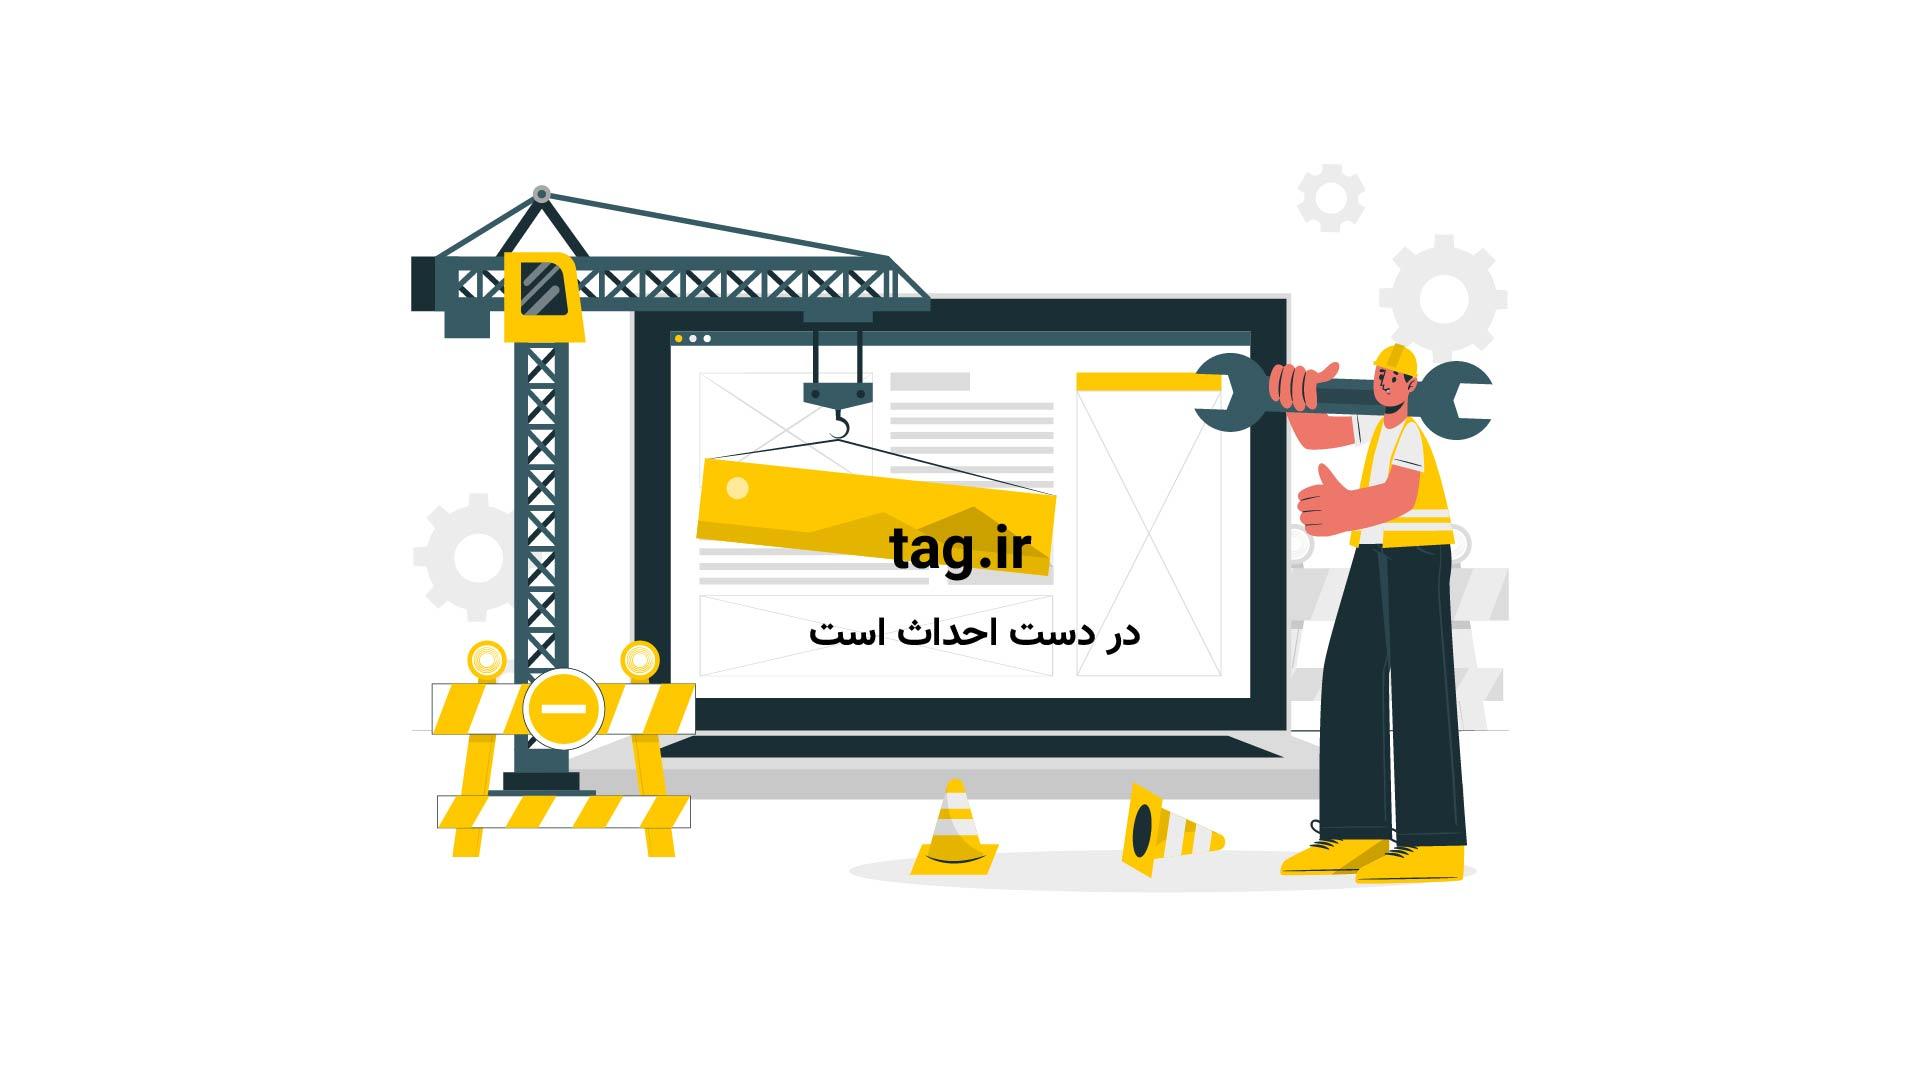 ساخت آمریکا